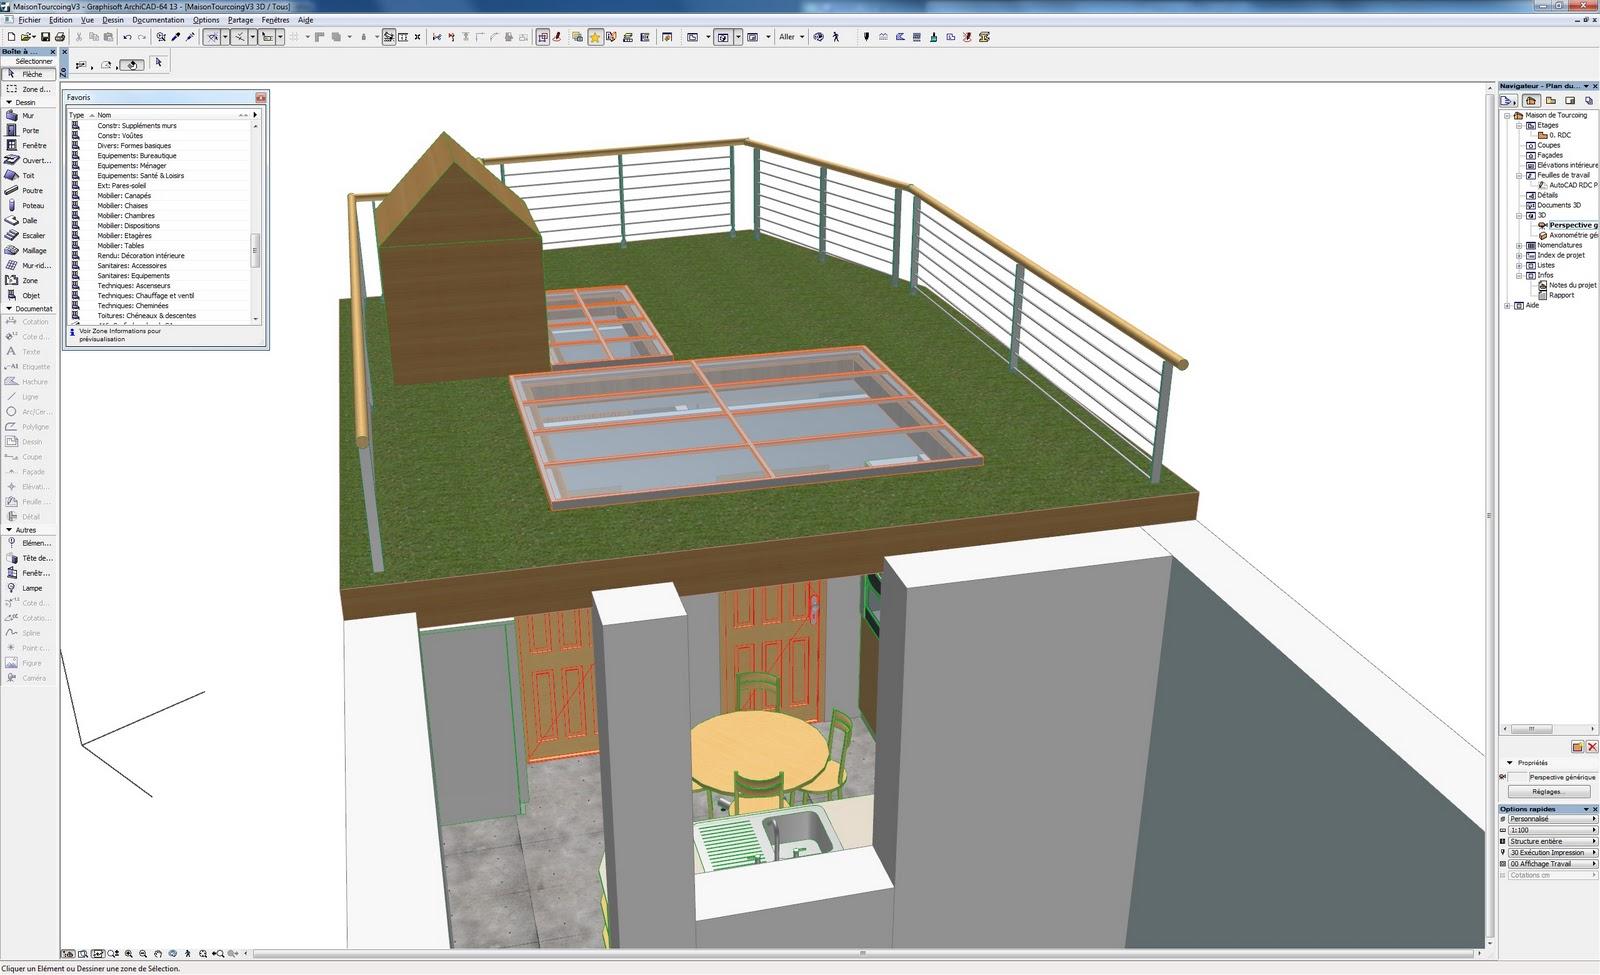 R novation de ma maison vue 3d de la terrasse sans l 39 escalier for Projet terrasse en 3d